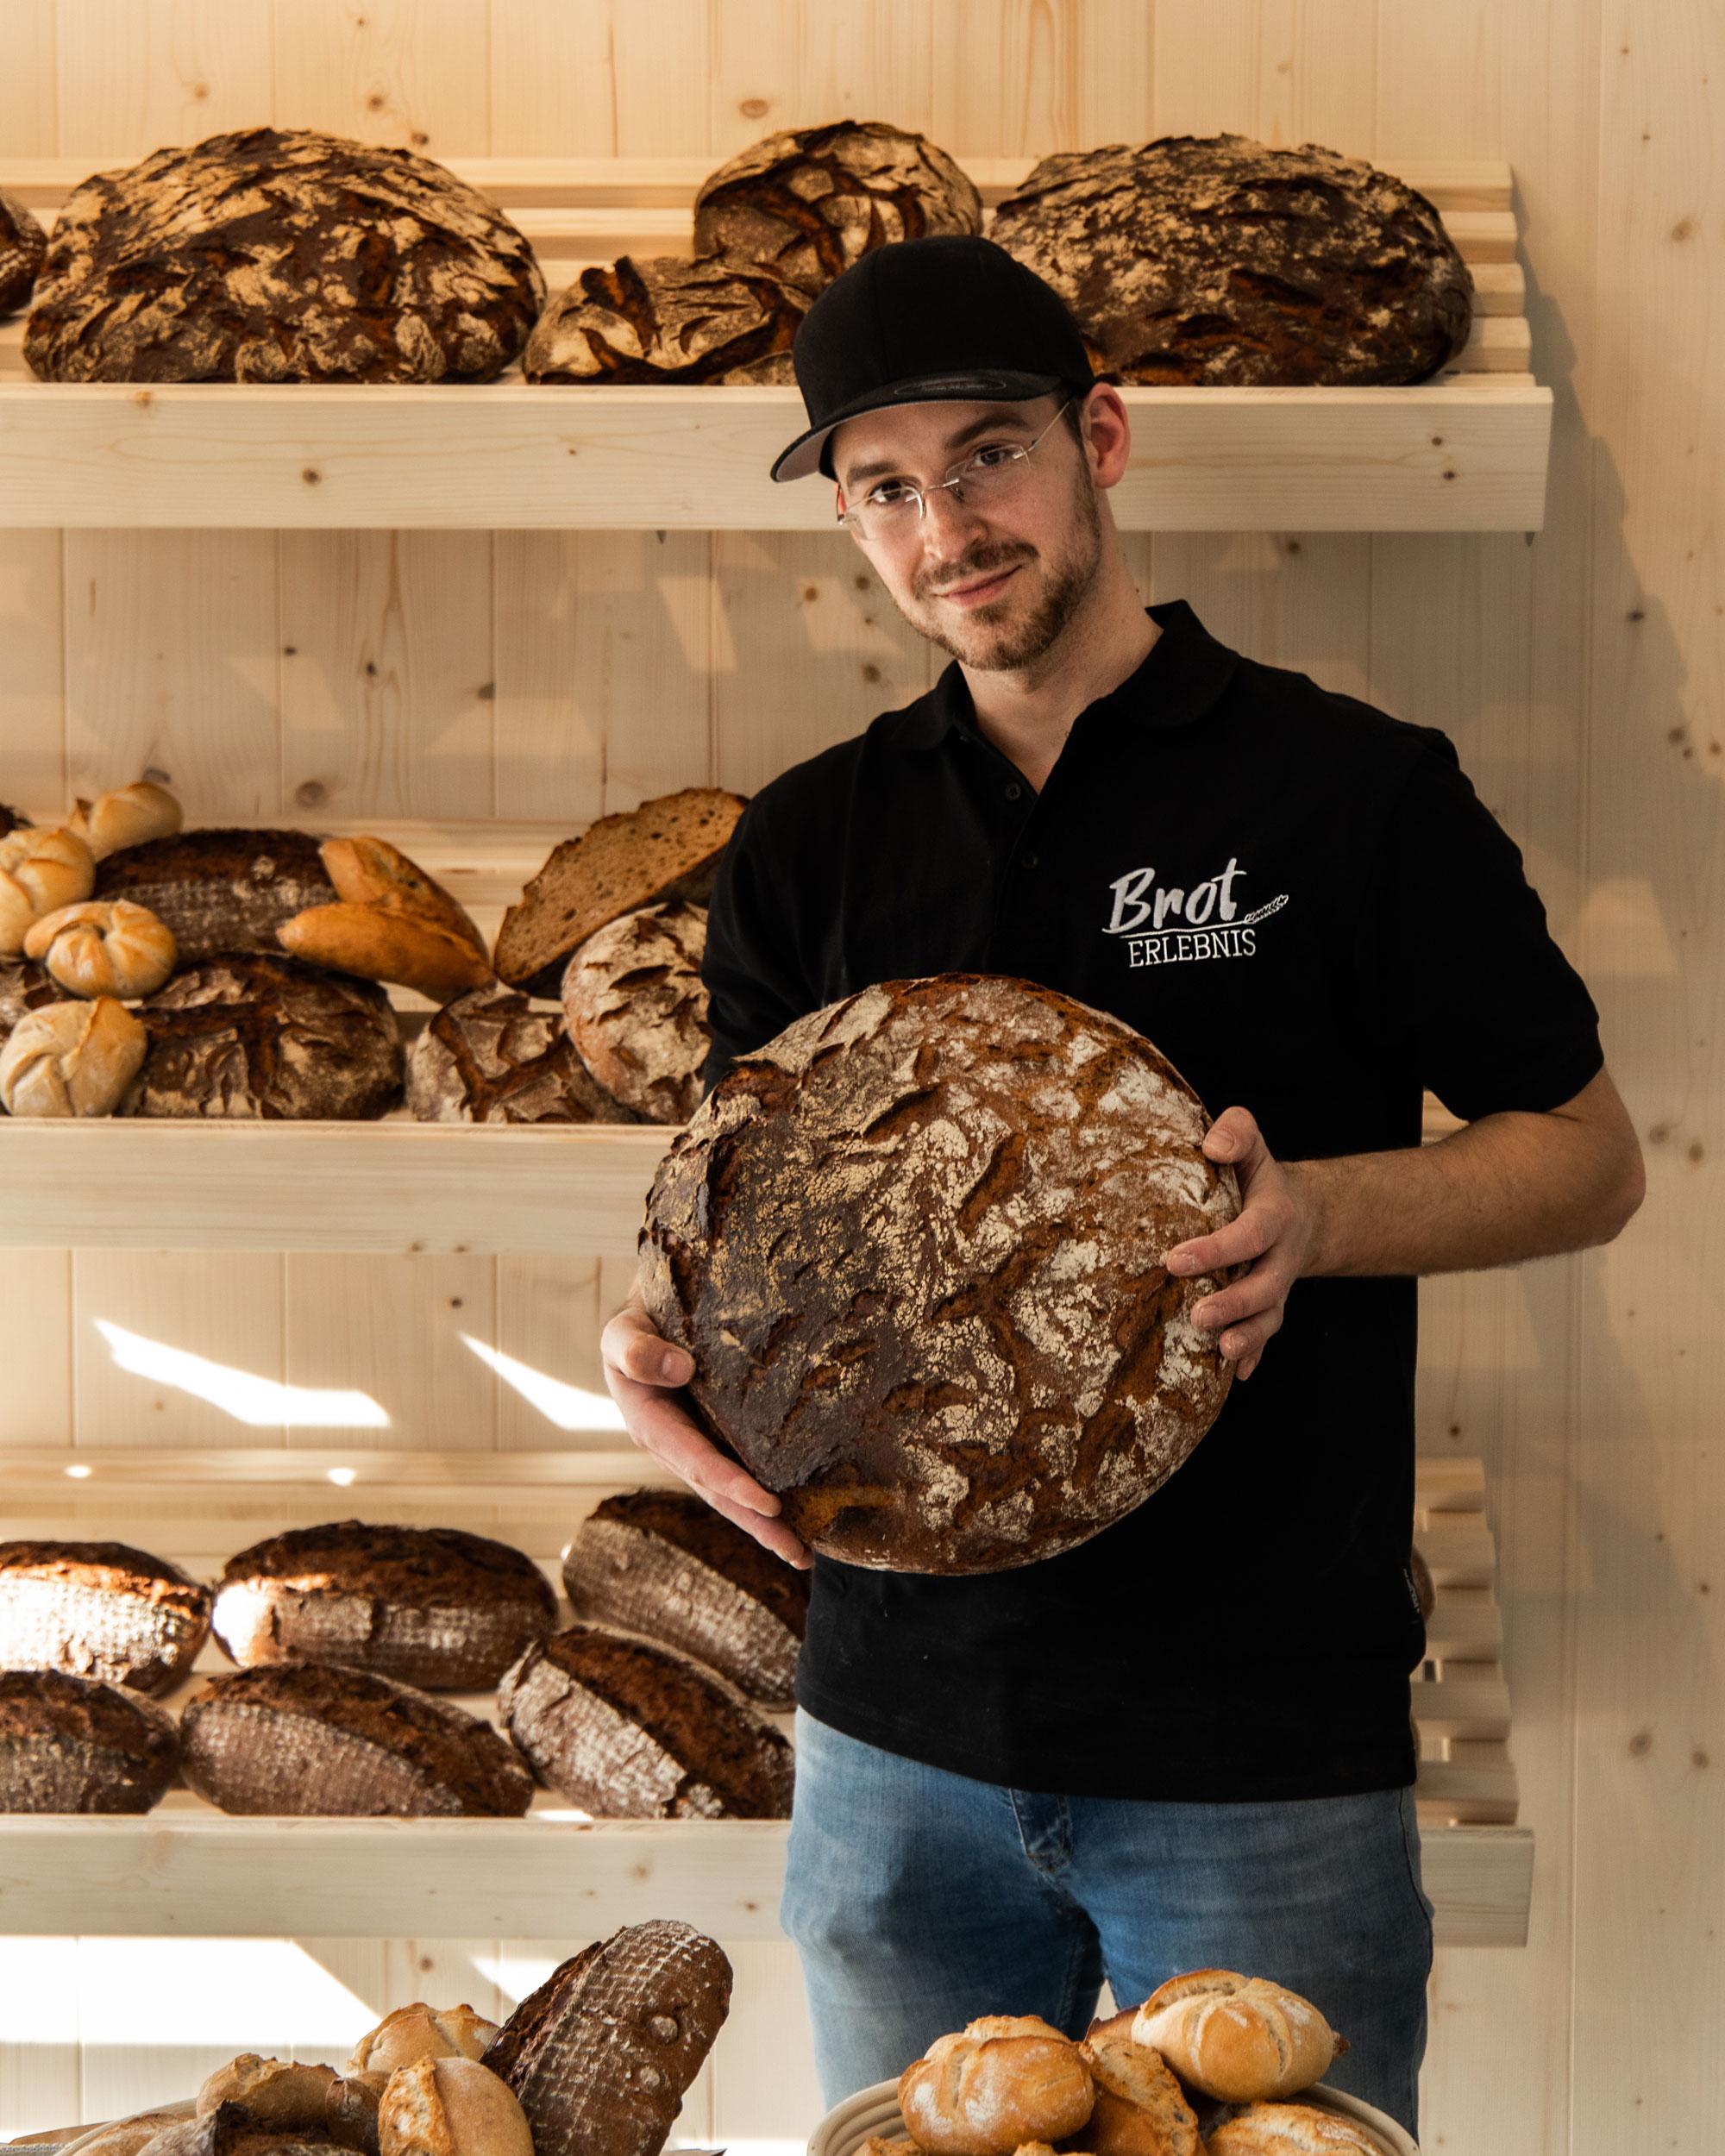 Brot regensburg zucker peitsche Zuckerbrot und